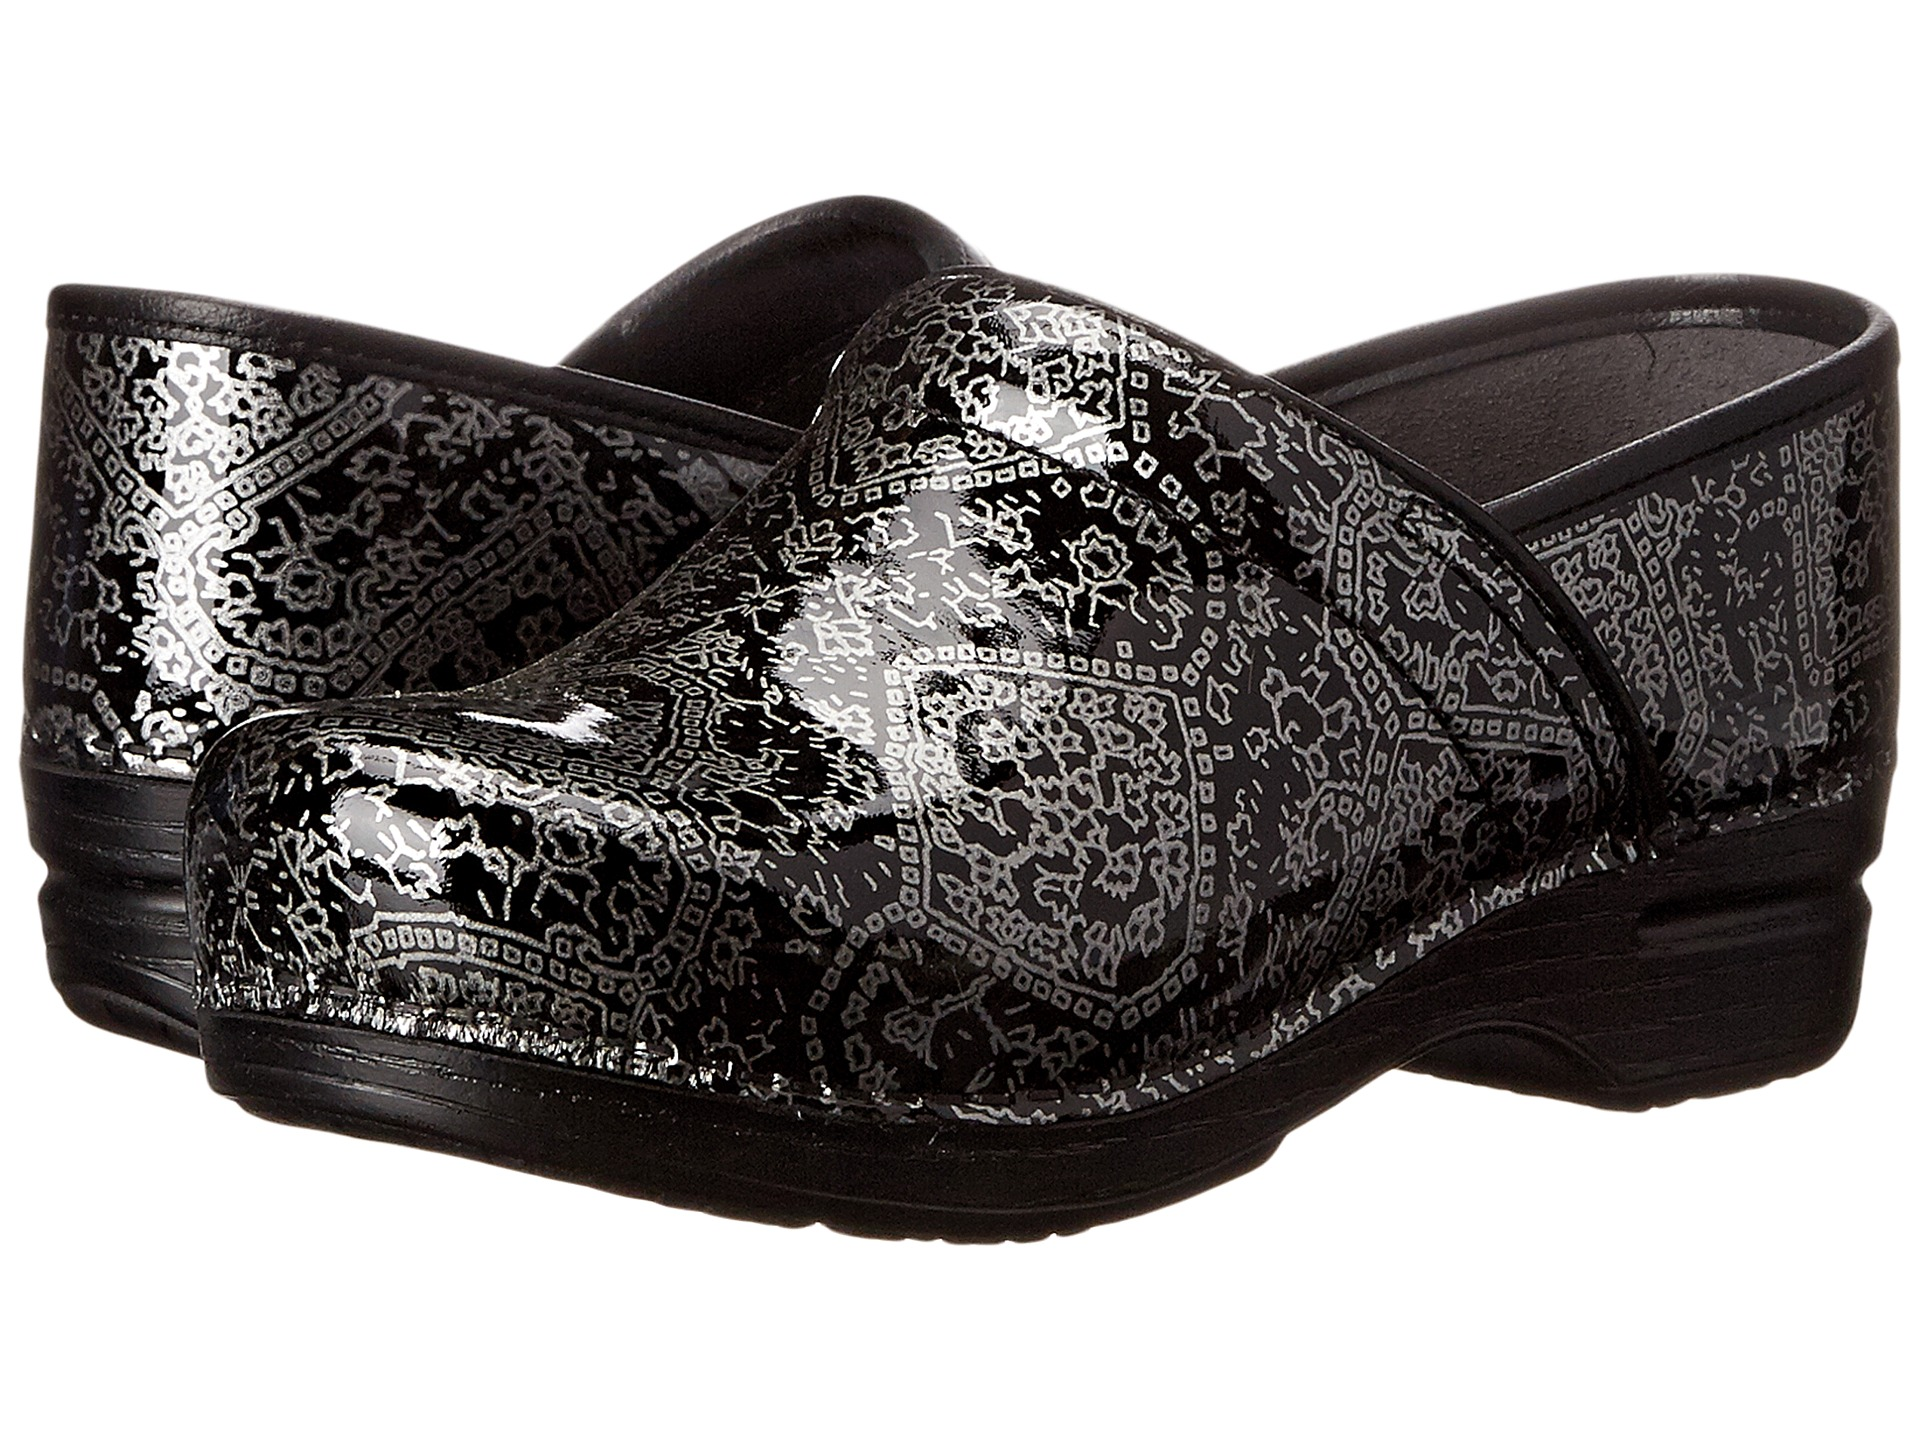 Dansko Men Shoes Images Hoodies Cozy Sport Autumn Outwear